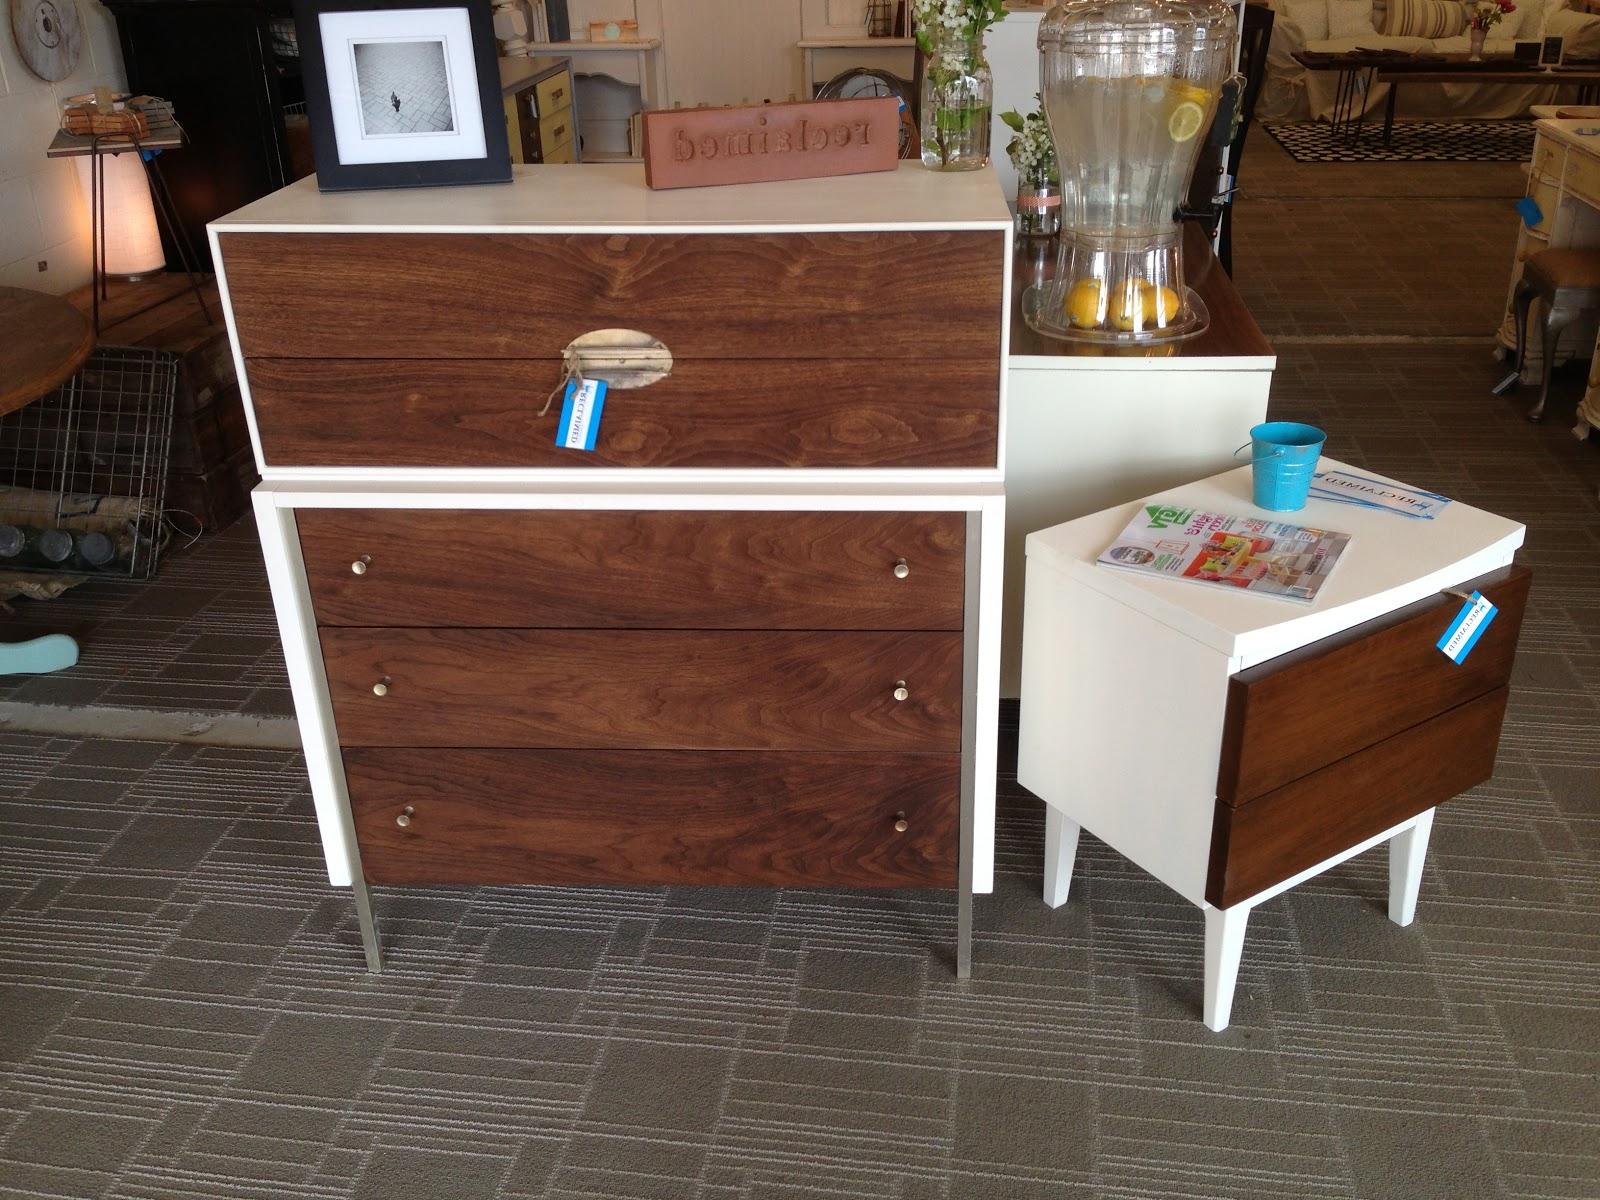 ... Refurbished Mid Century Furniture Drawers